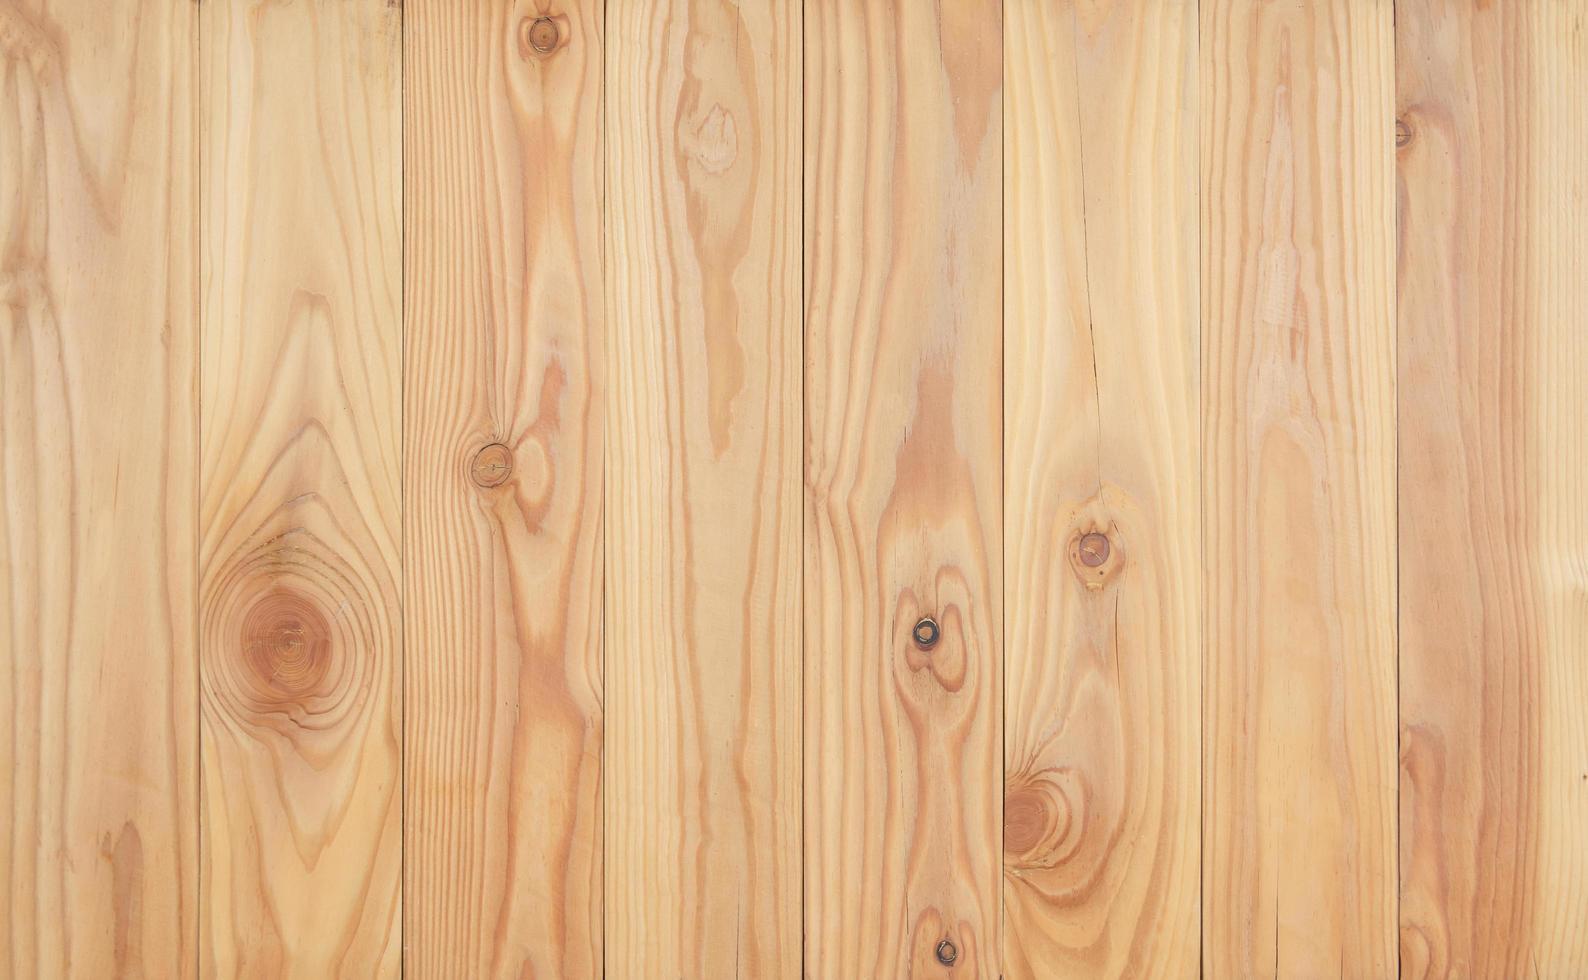 houten tafel textuur foto